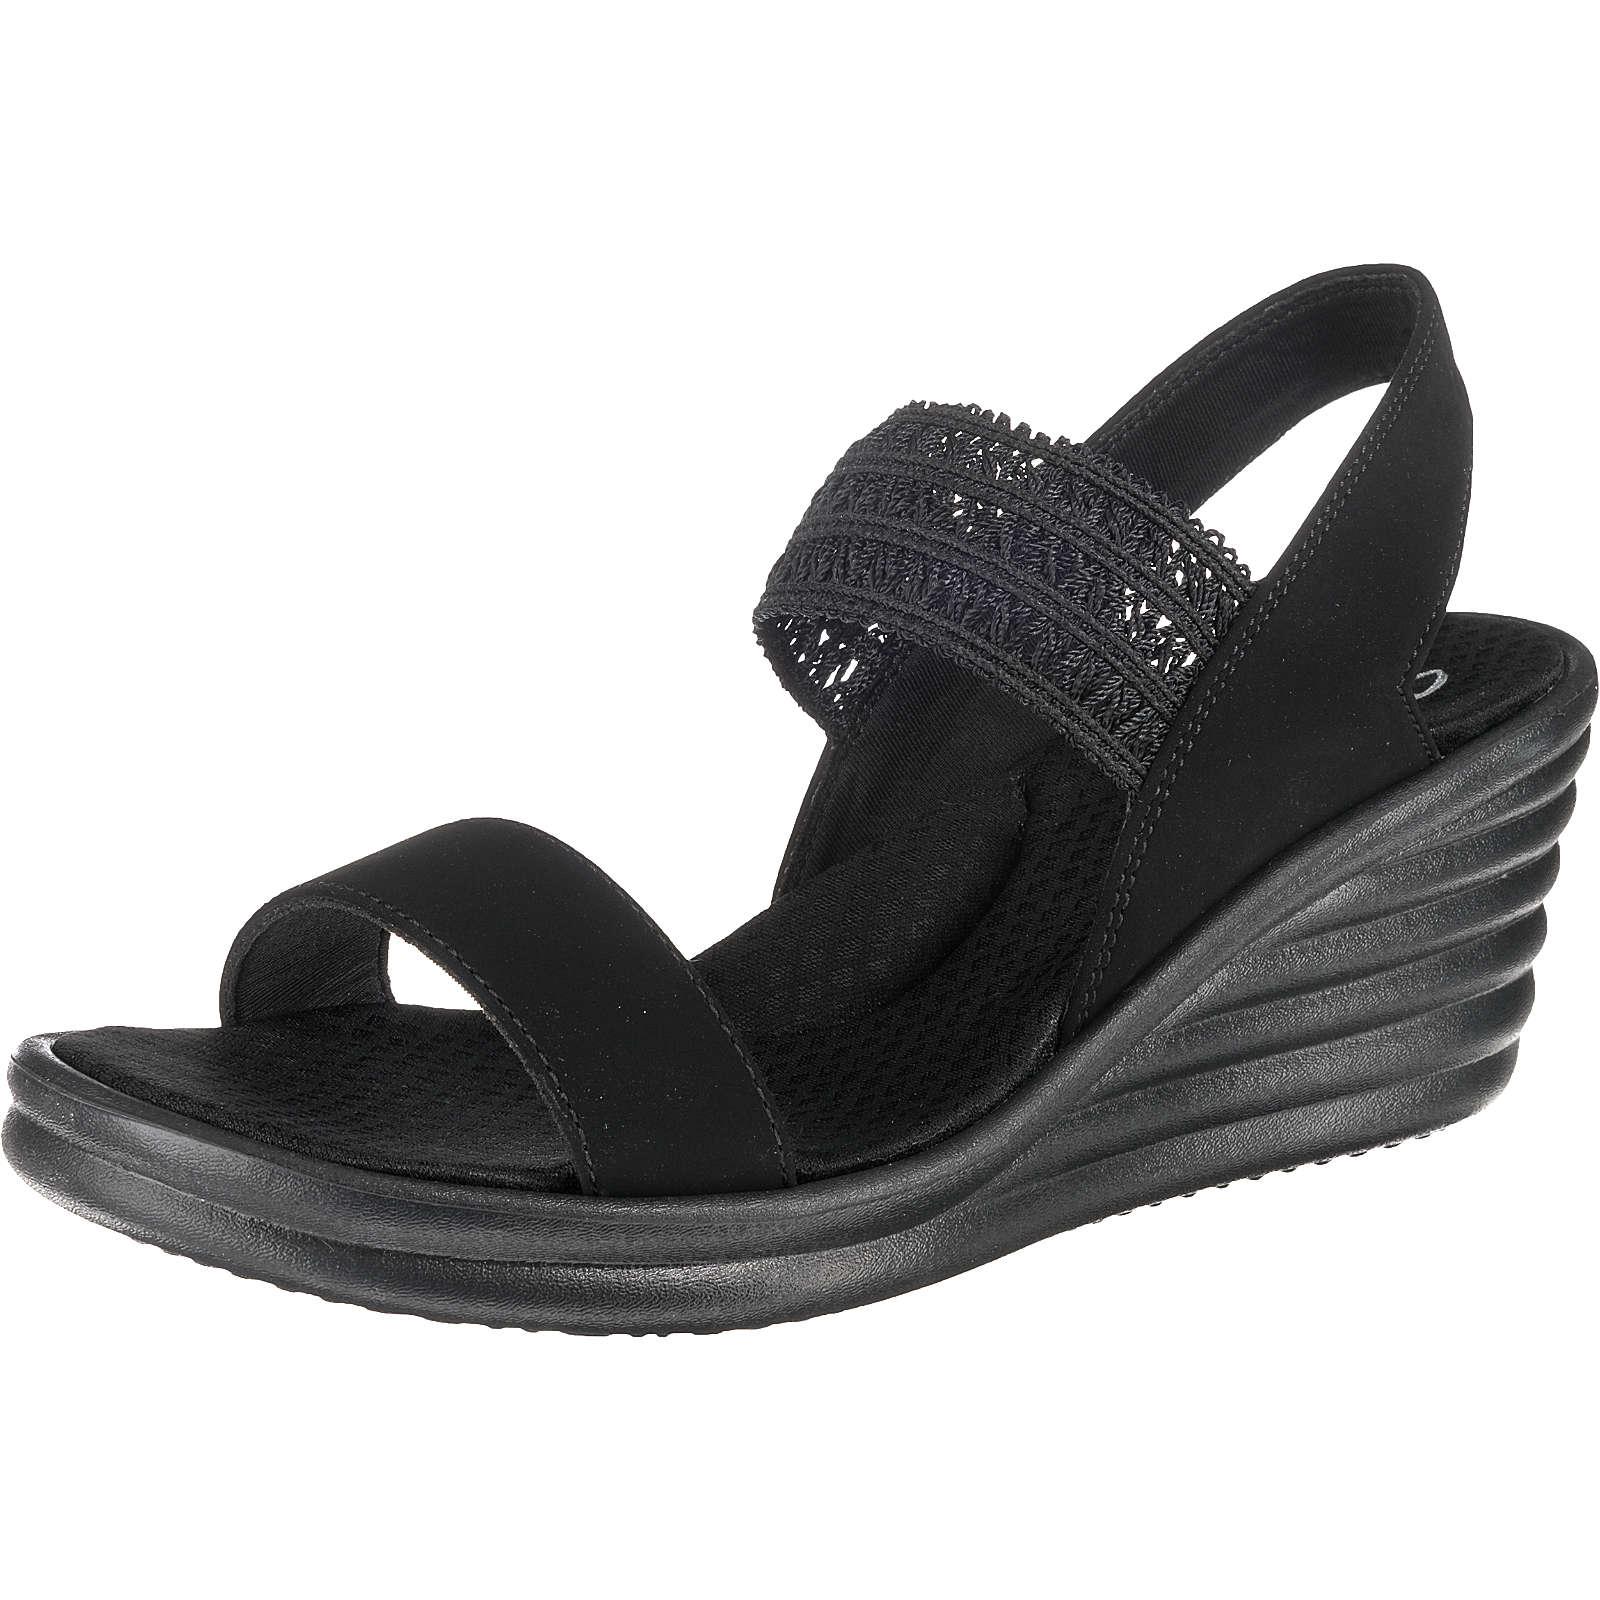 SKECHERS RUMBLER WAVE DRAMA DIVA Klassische Sandaletten schwarz Damen Gr. 36